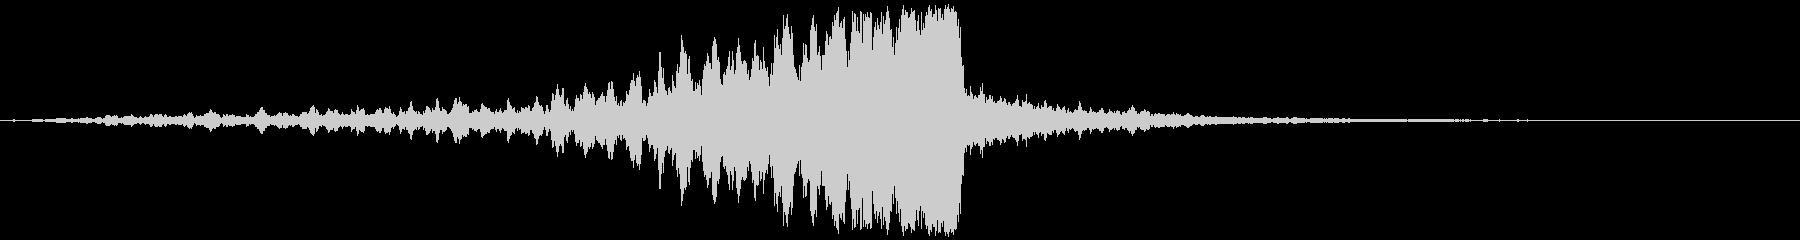 シネマティックな音で場面転換の未再生の波形